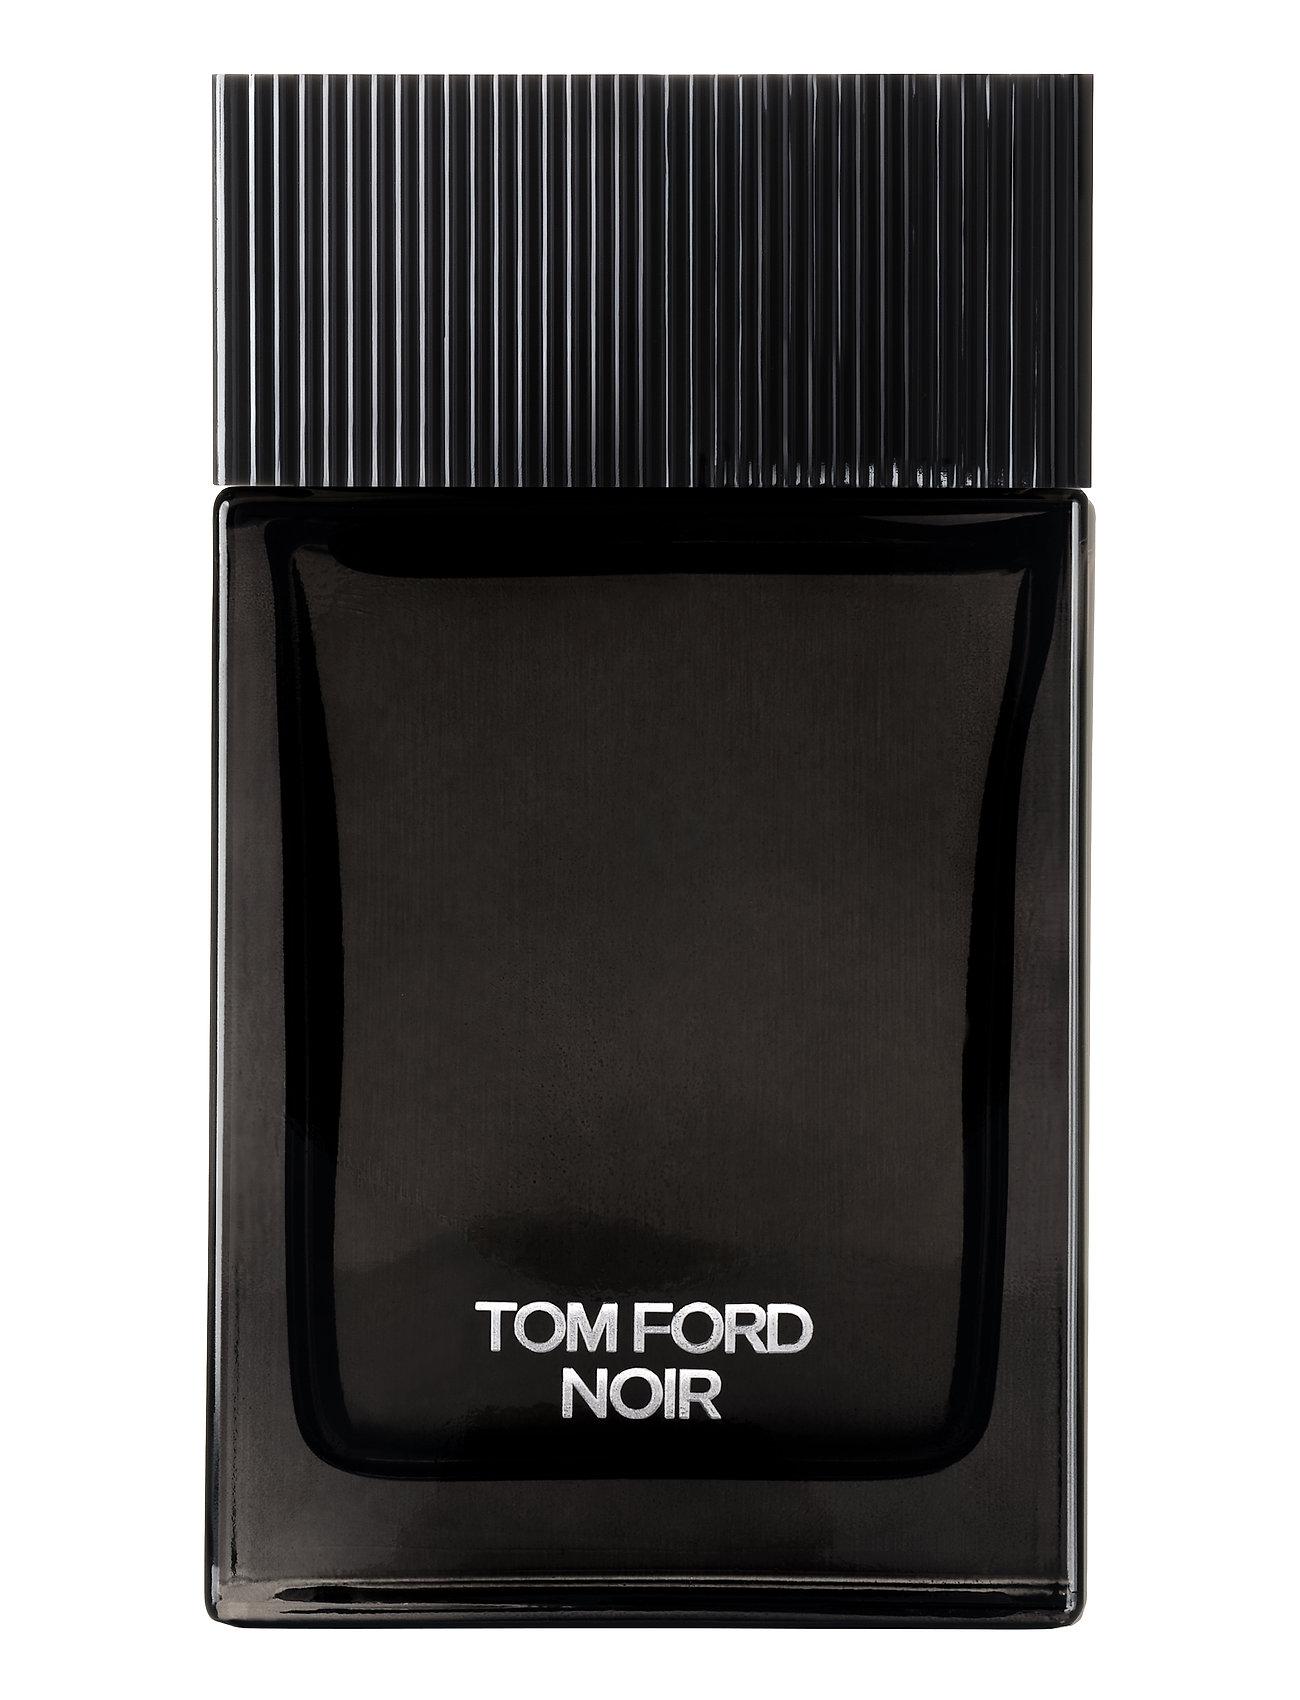 tom ford Tom ford noir eau de parfum på boozt.com dk